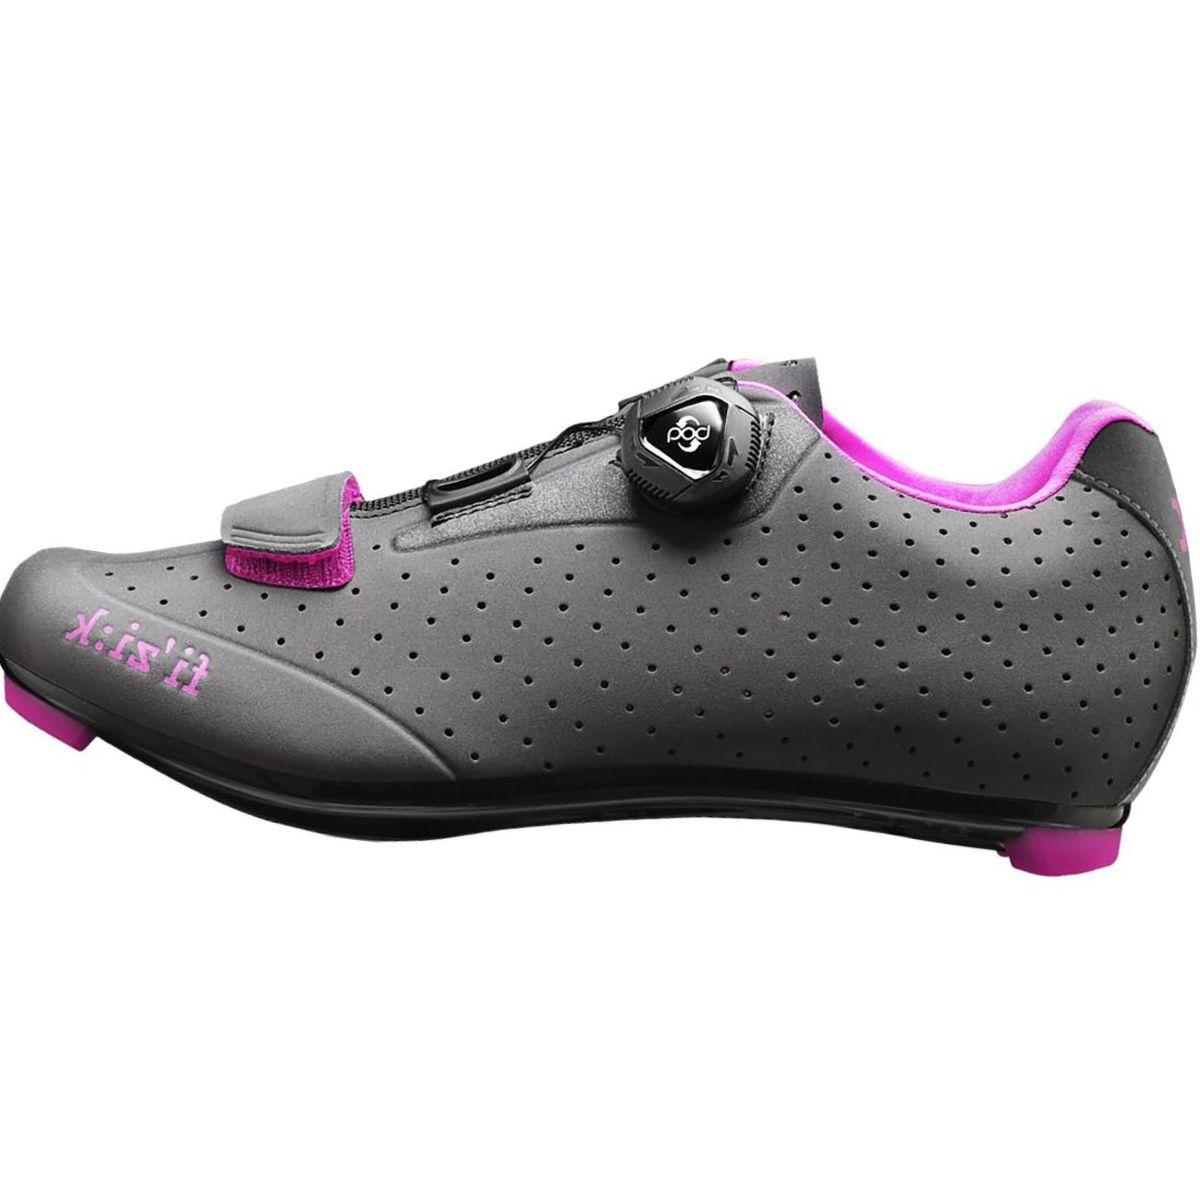 Fi'zi:k R5 Donna Boa Cycling Shoe - Women's